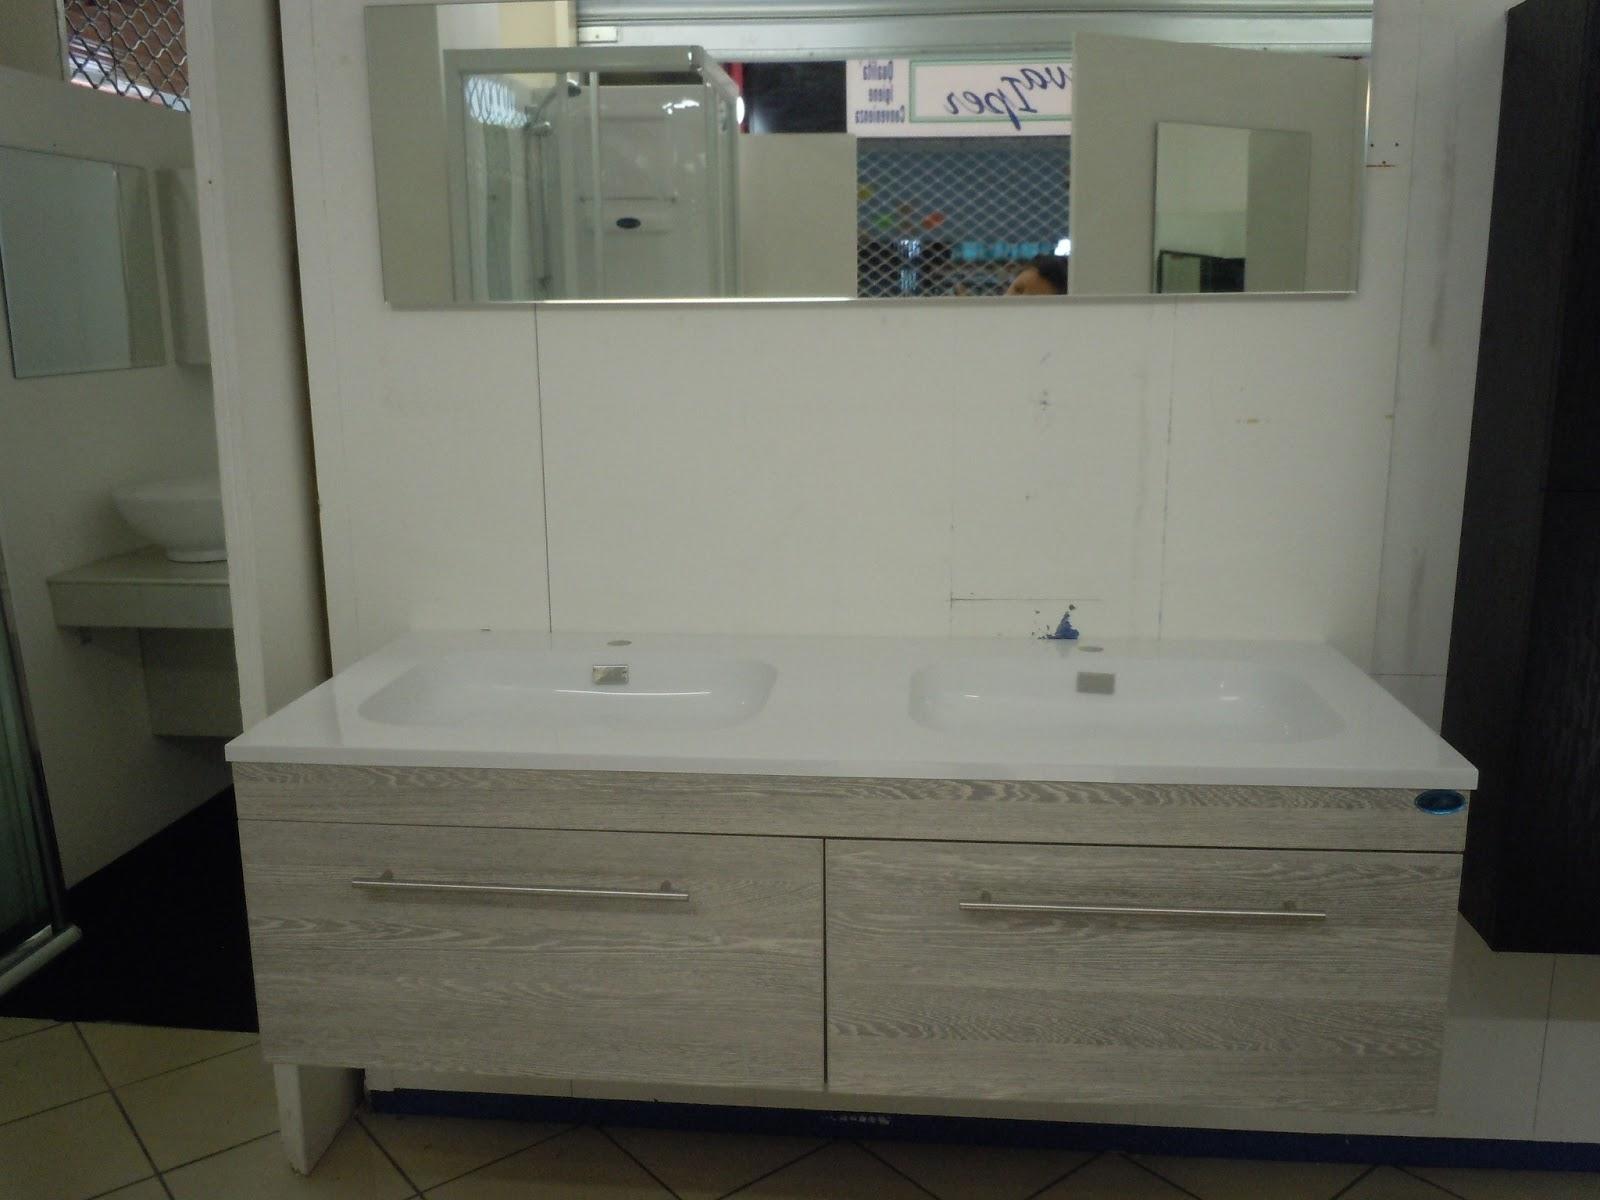 Un nuovo amico per il vostro bagno box doccia cabine multifunzione e vasche per disabili - Cabine doccia per disabili ...